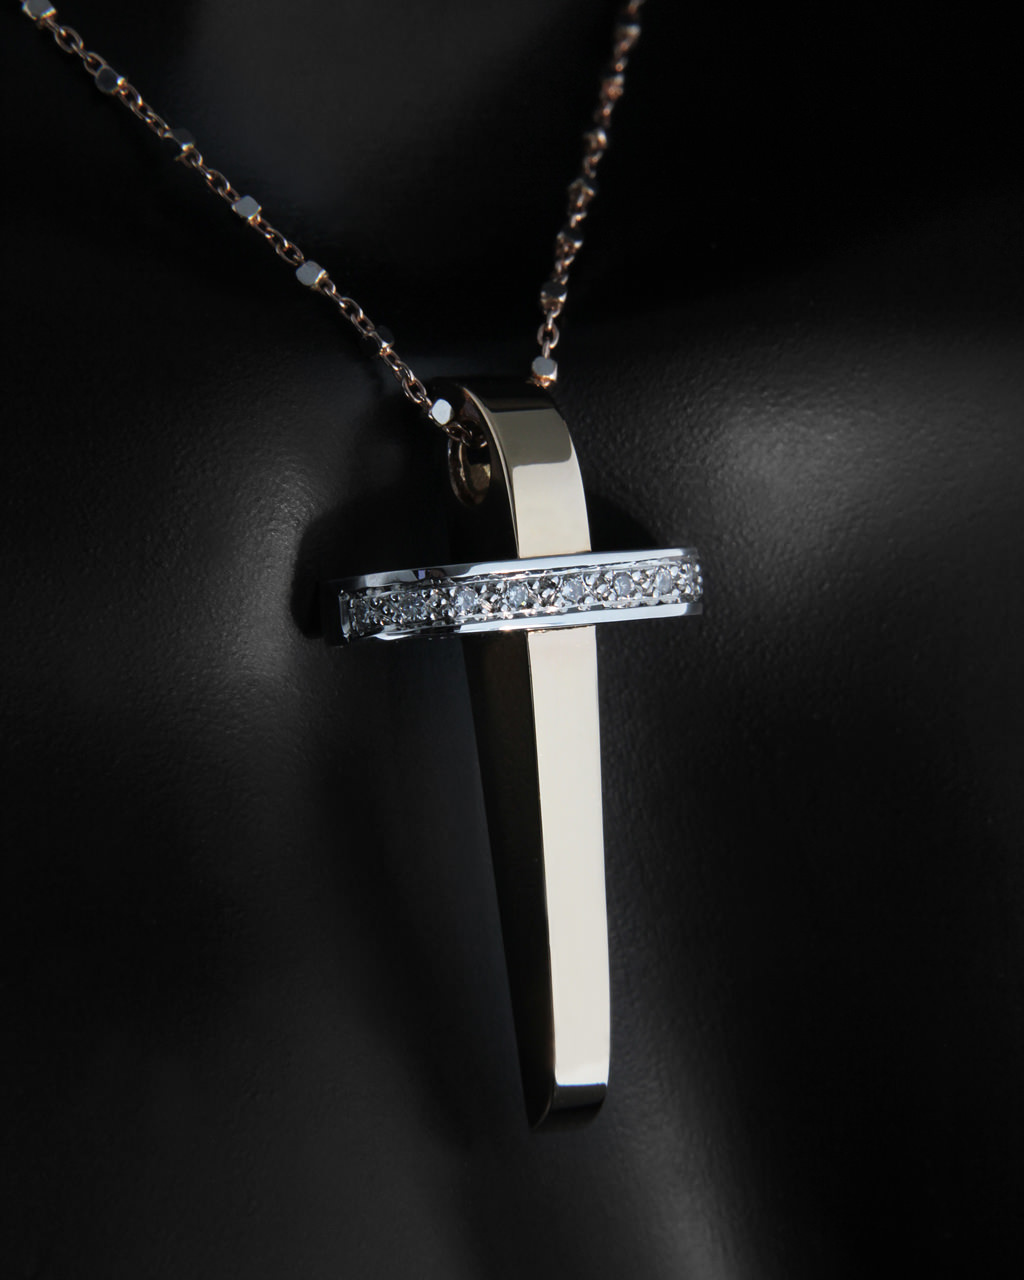 Σταυρός ροζ χρυσός & λευκόχρυσο Κ18 με Διαμάντια   παιδι βαπτιστικοί σταυροί βαπτιστικοί σταυροί για κορίτσι